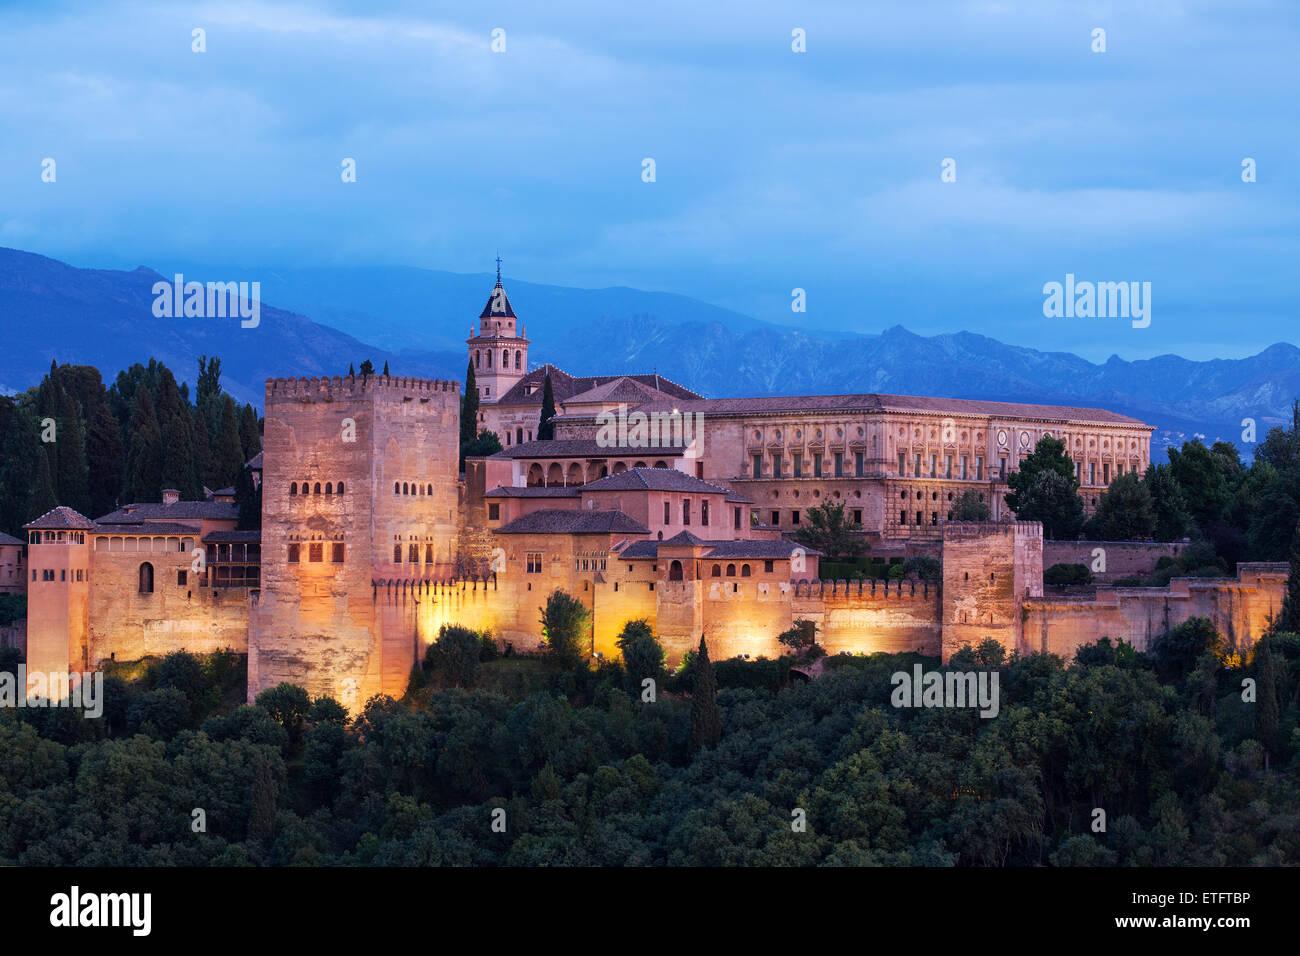 Die Alhambra, Granada maurischen Palast Andalucia, Spanien Stockbild